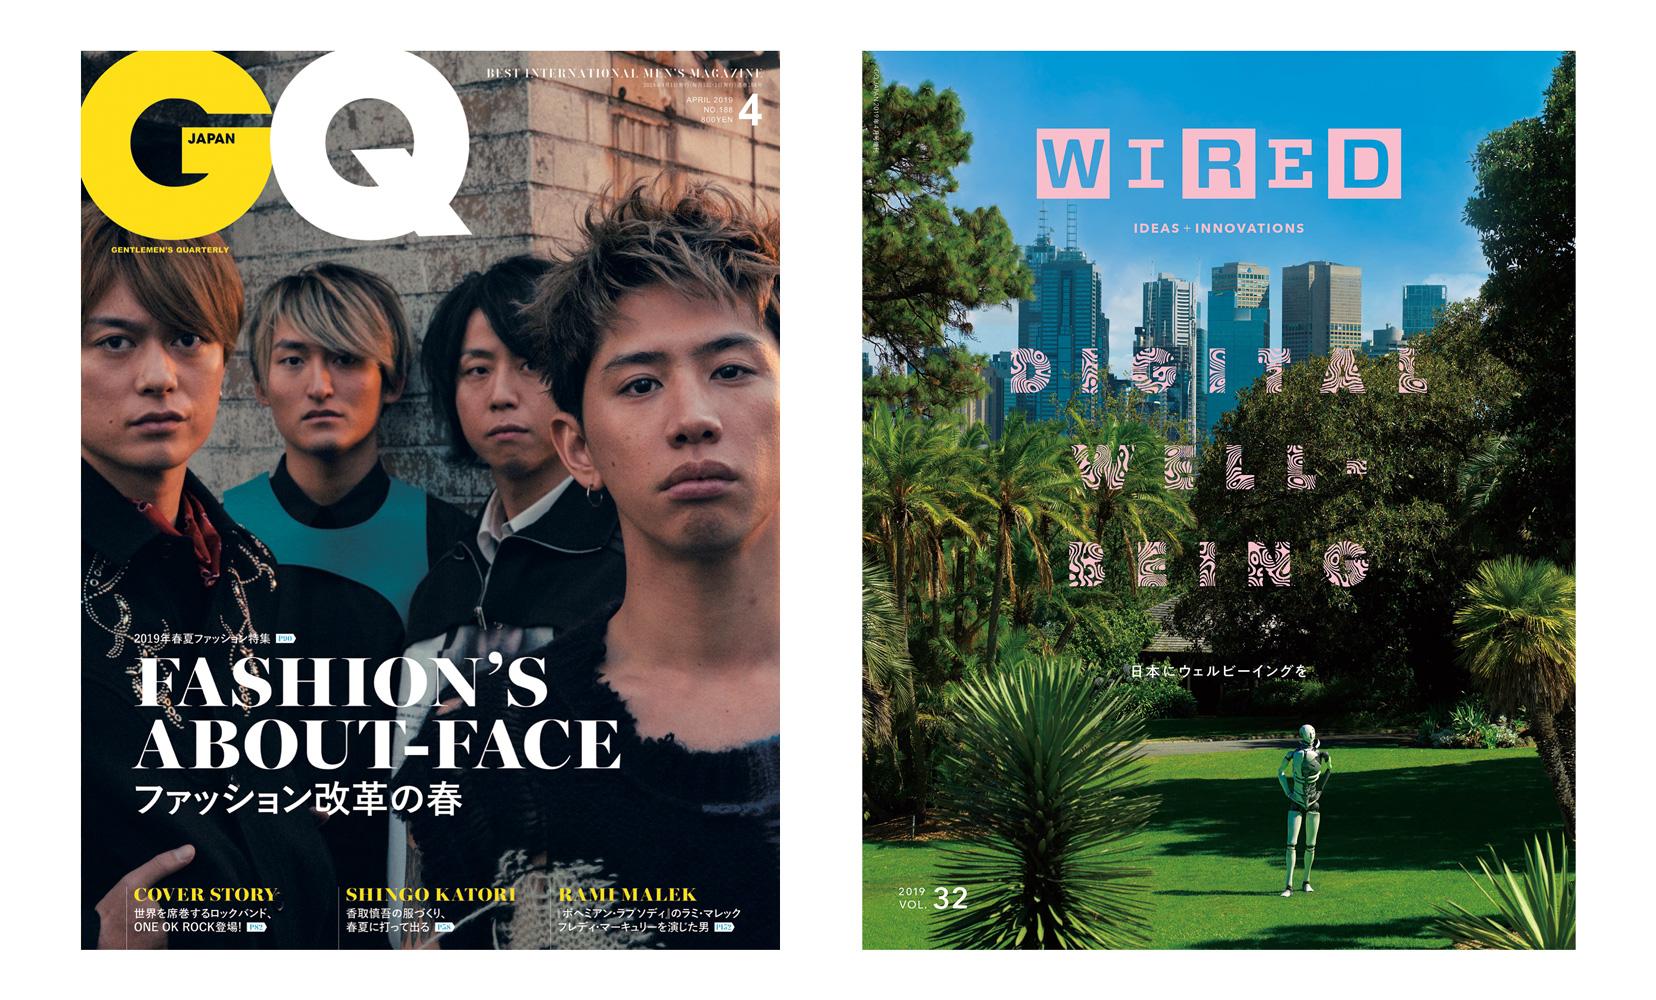 新世代デジタル・サイネージ Tokyo Prime、メンズ・ファッション&ライフスタイルマガジン『GQ JAPAN』、アイデア&イノヴェイティブメディア『WIRED』日本版のコンテンツ配信を開始